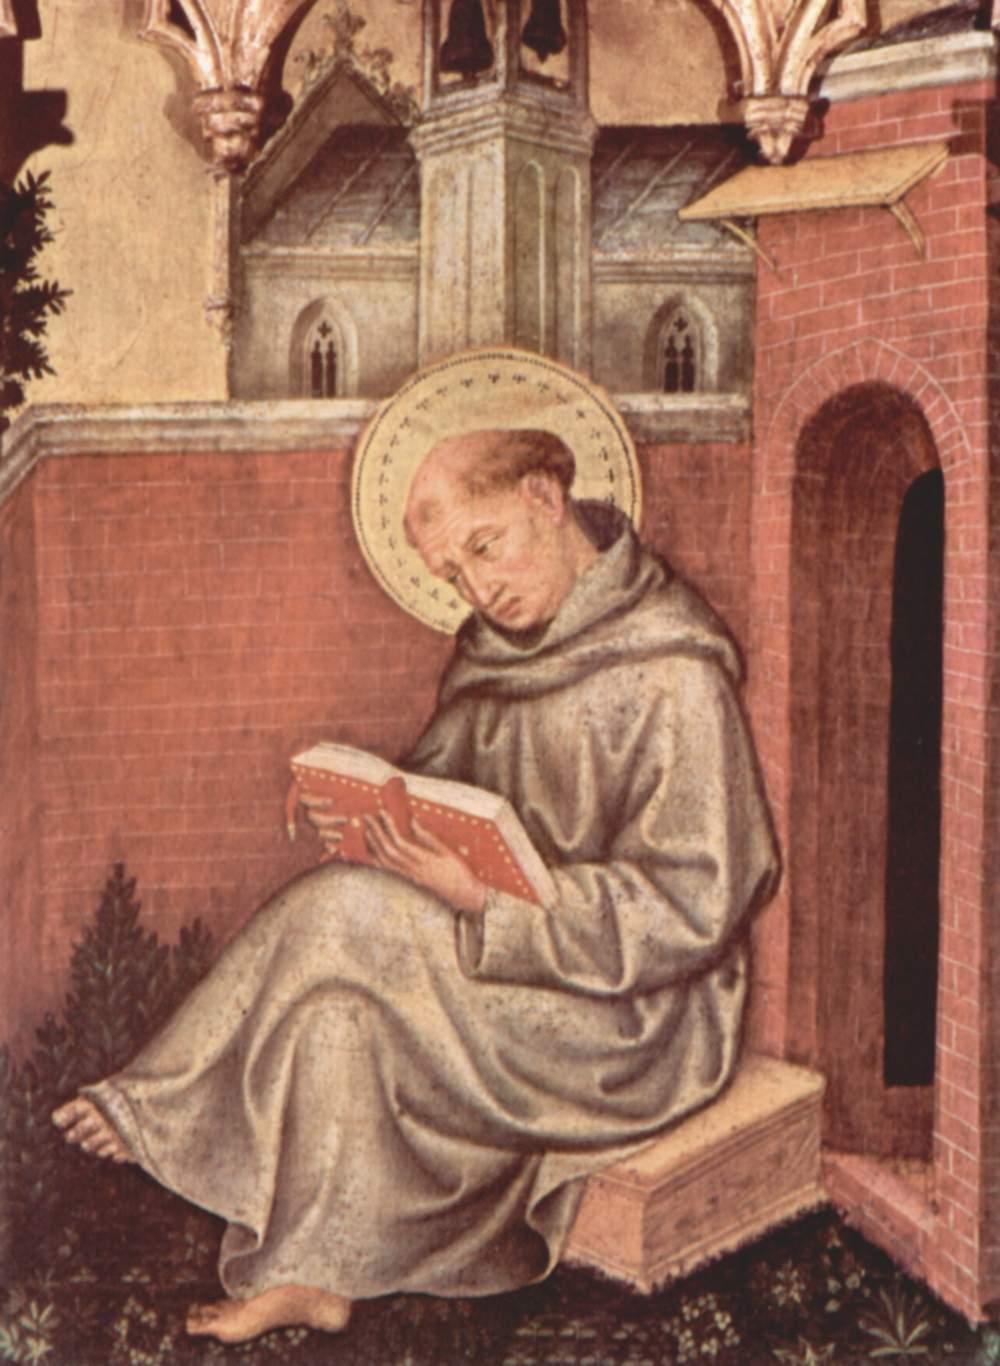 Thomas Aquinas by Gentile_da_Fabriano